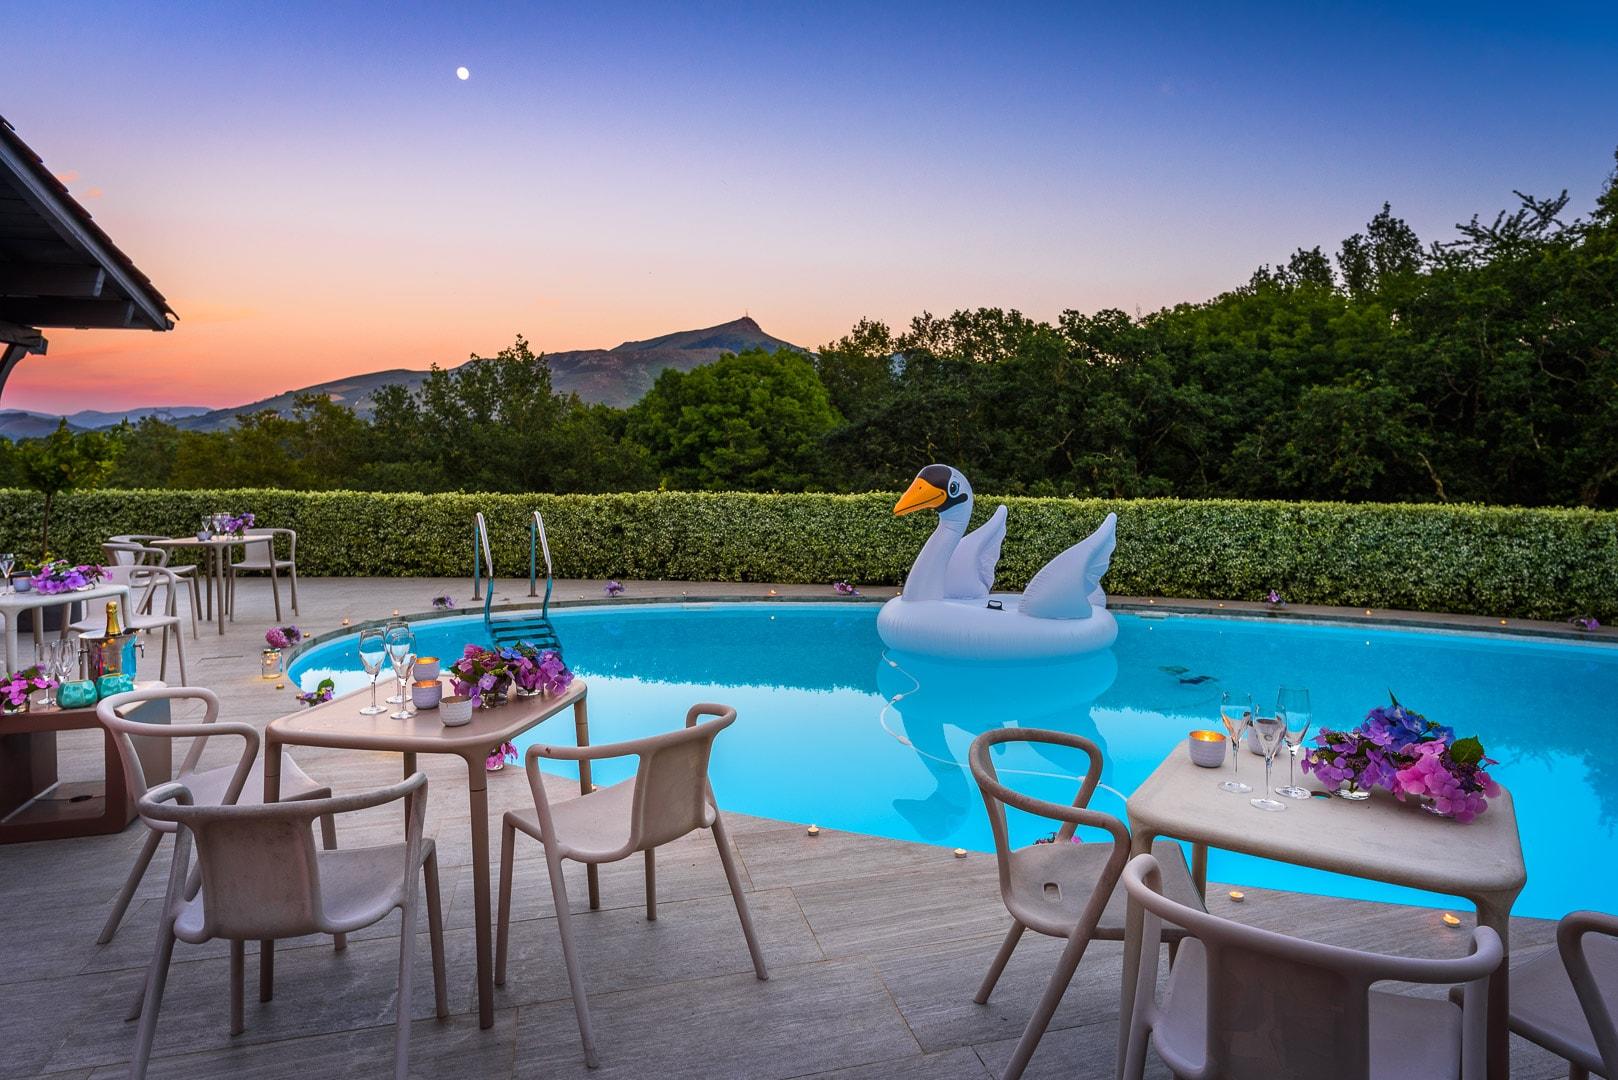 EtxeXuria-piscine coucher de soleil événements